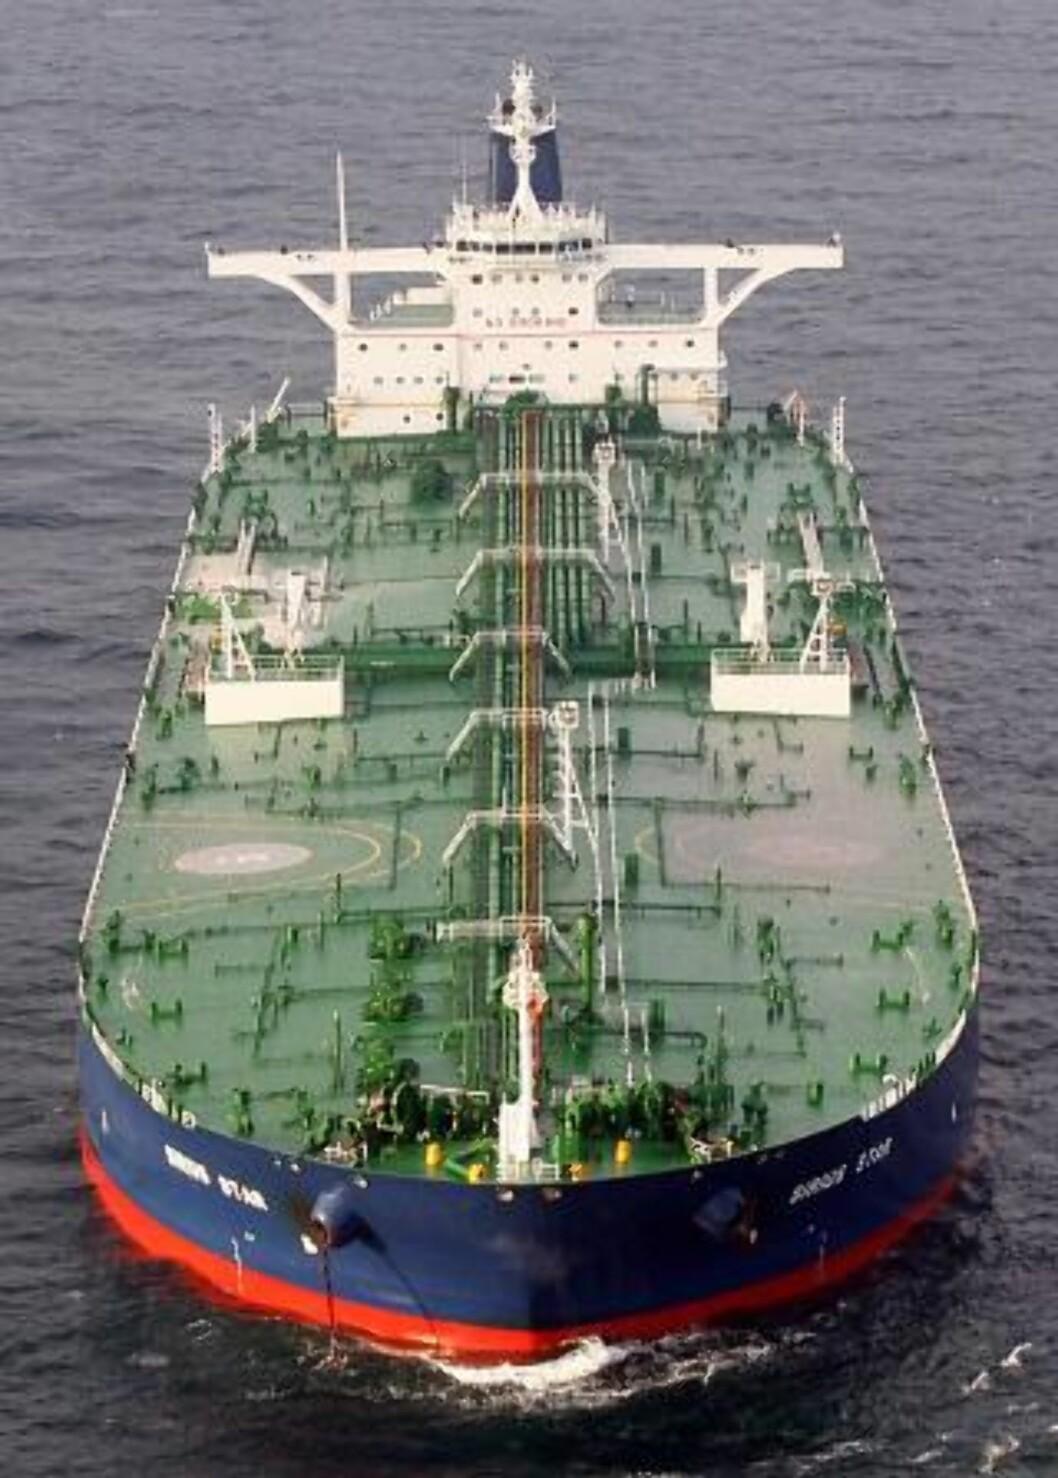 <strong>300 000 TONN:</strong> Tankskip på denne størrelsen er aktuelle for å hente oljen som politikere og oljenæringen vil ilandføre i Lofoten.  Foto: AP